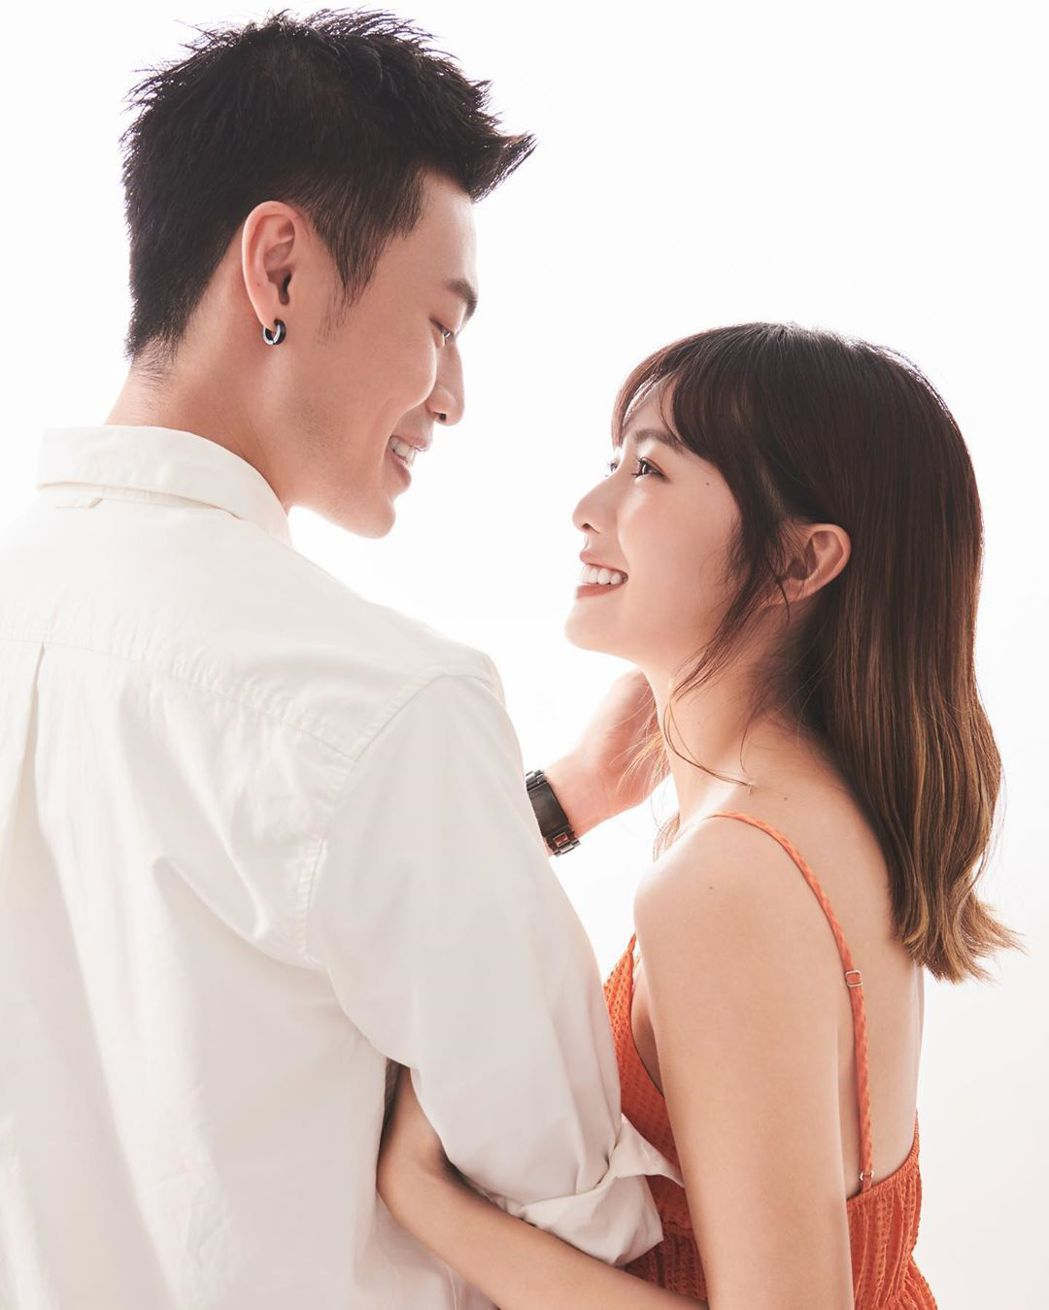 簡廷芮(右)宣告已接受男友賴先生求婚。圖/摘自Instagram